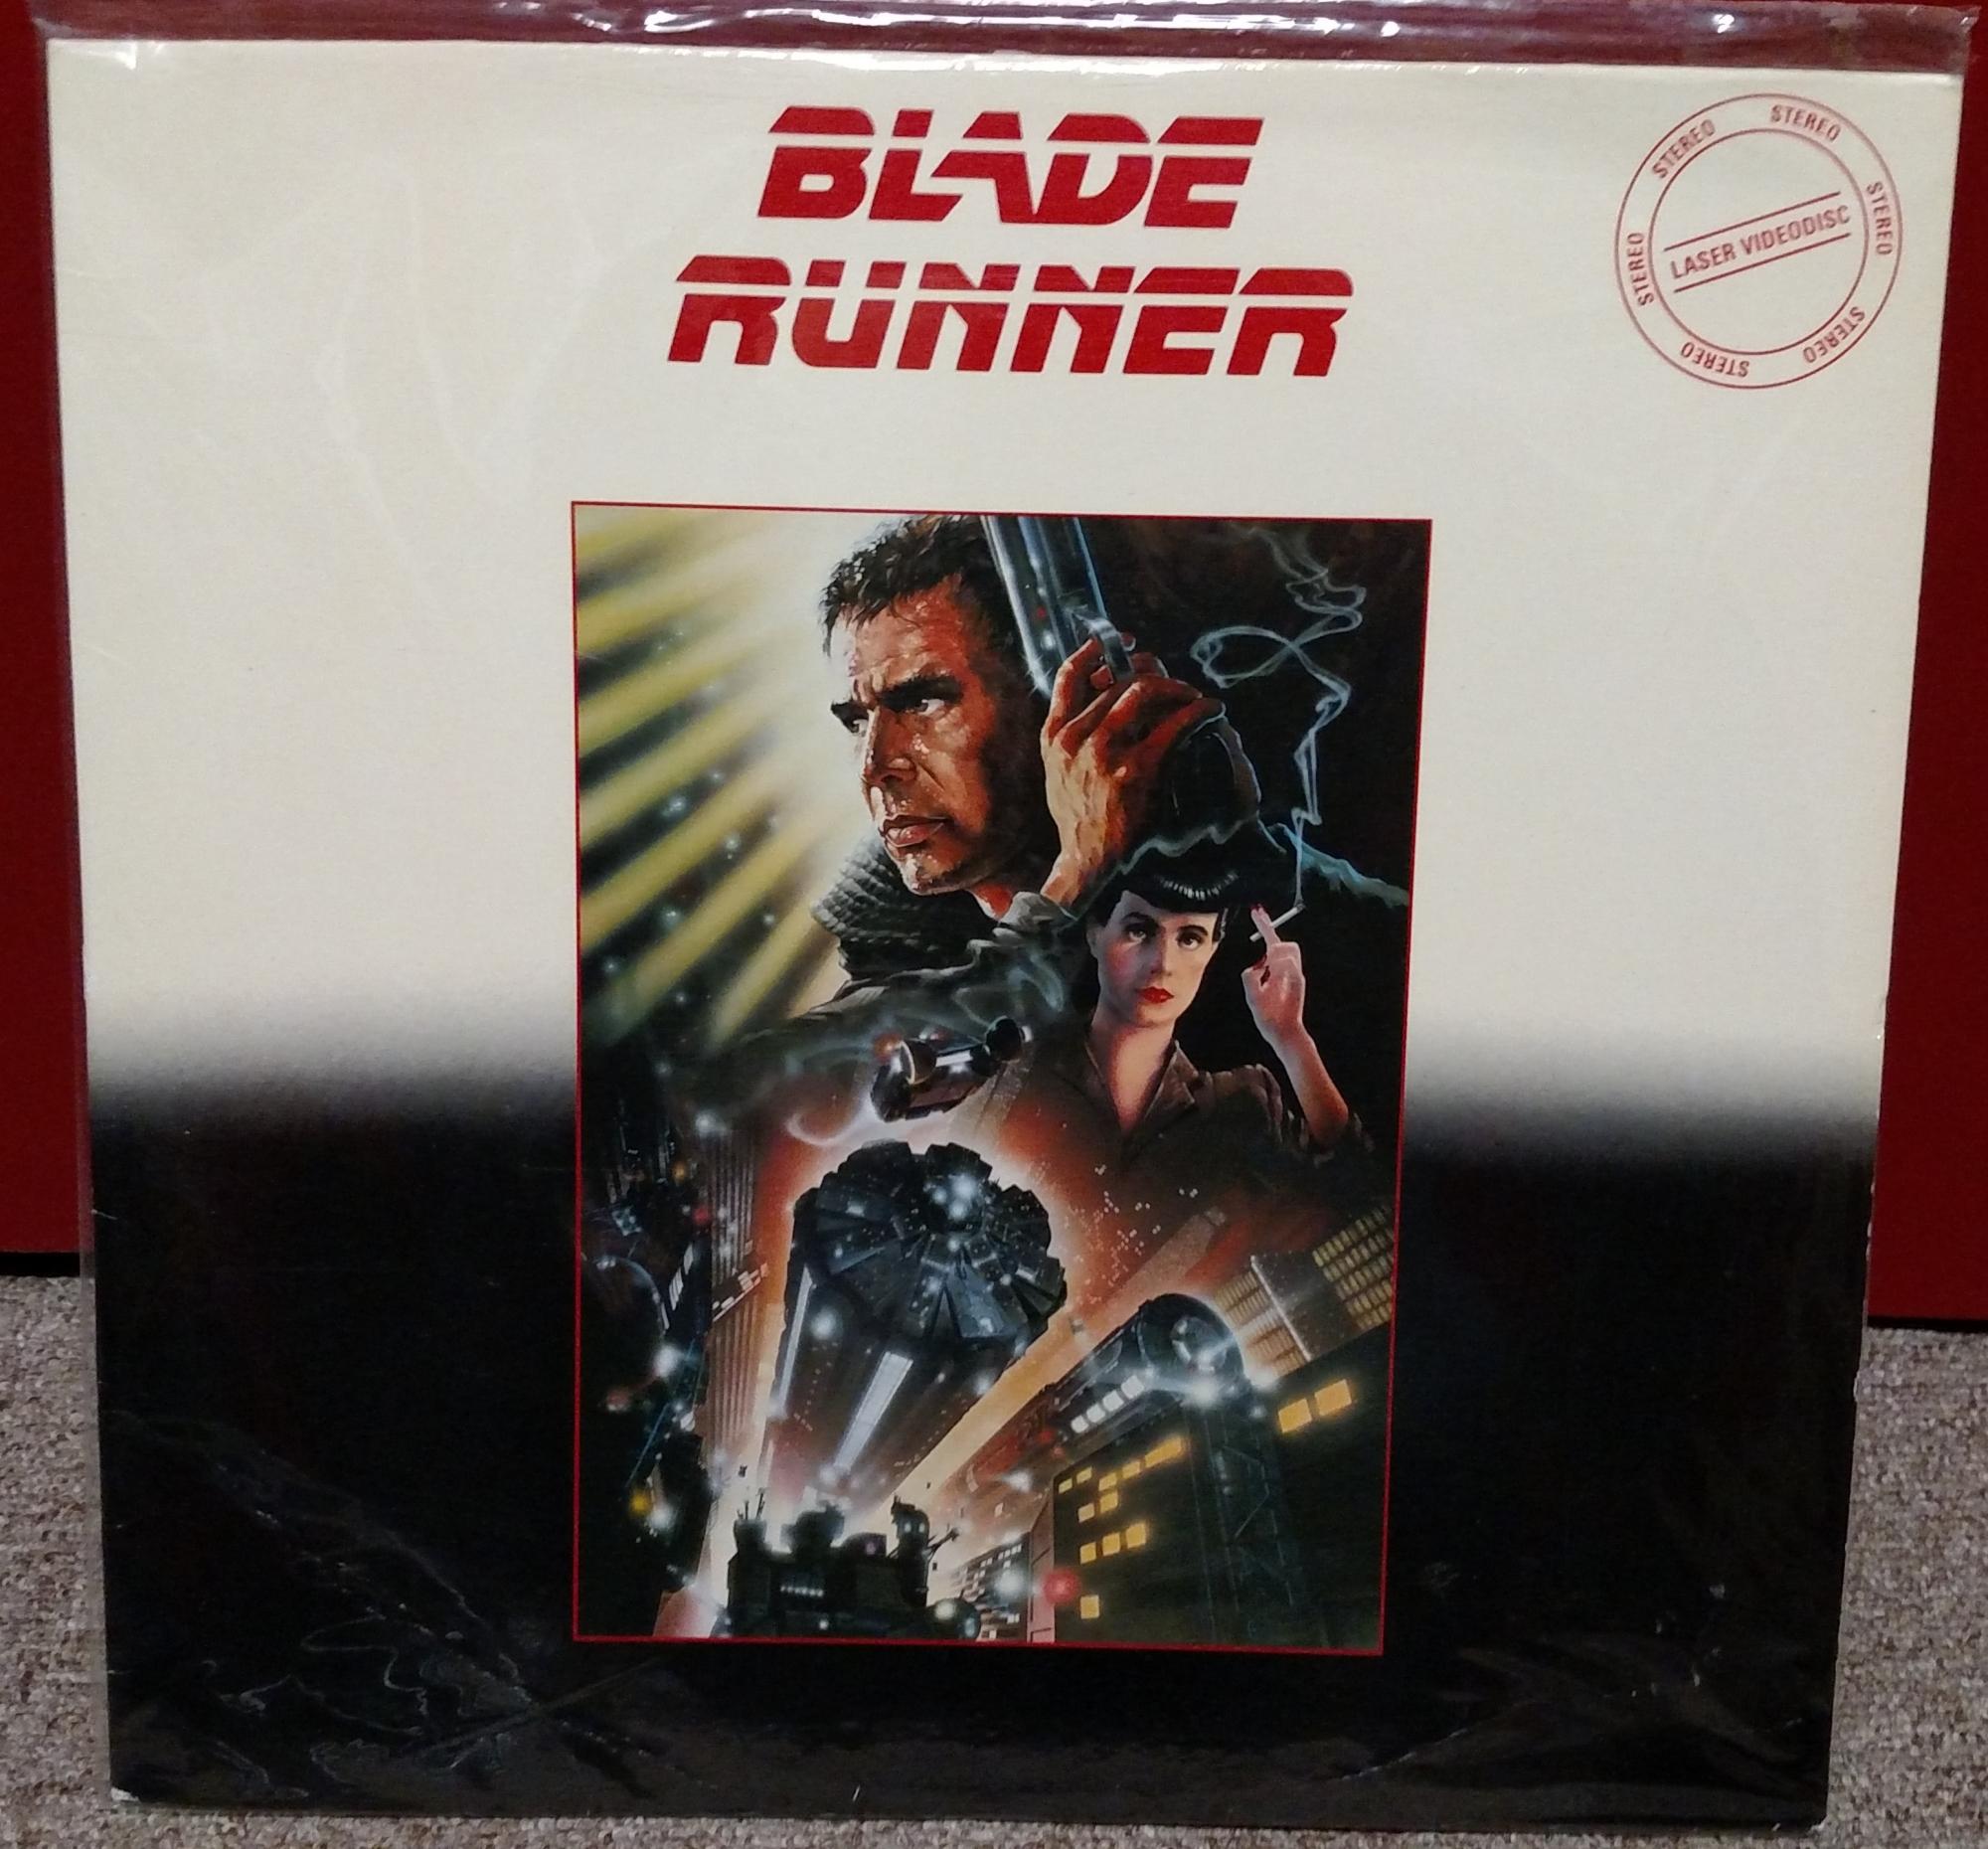 blade runner 4k ultra hd special edition